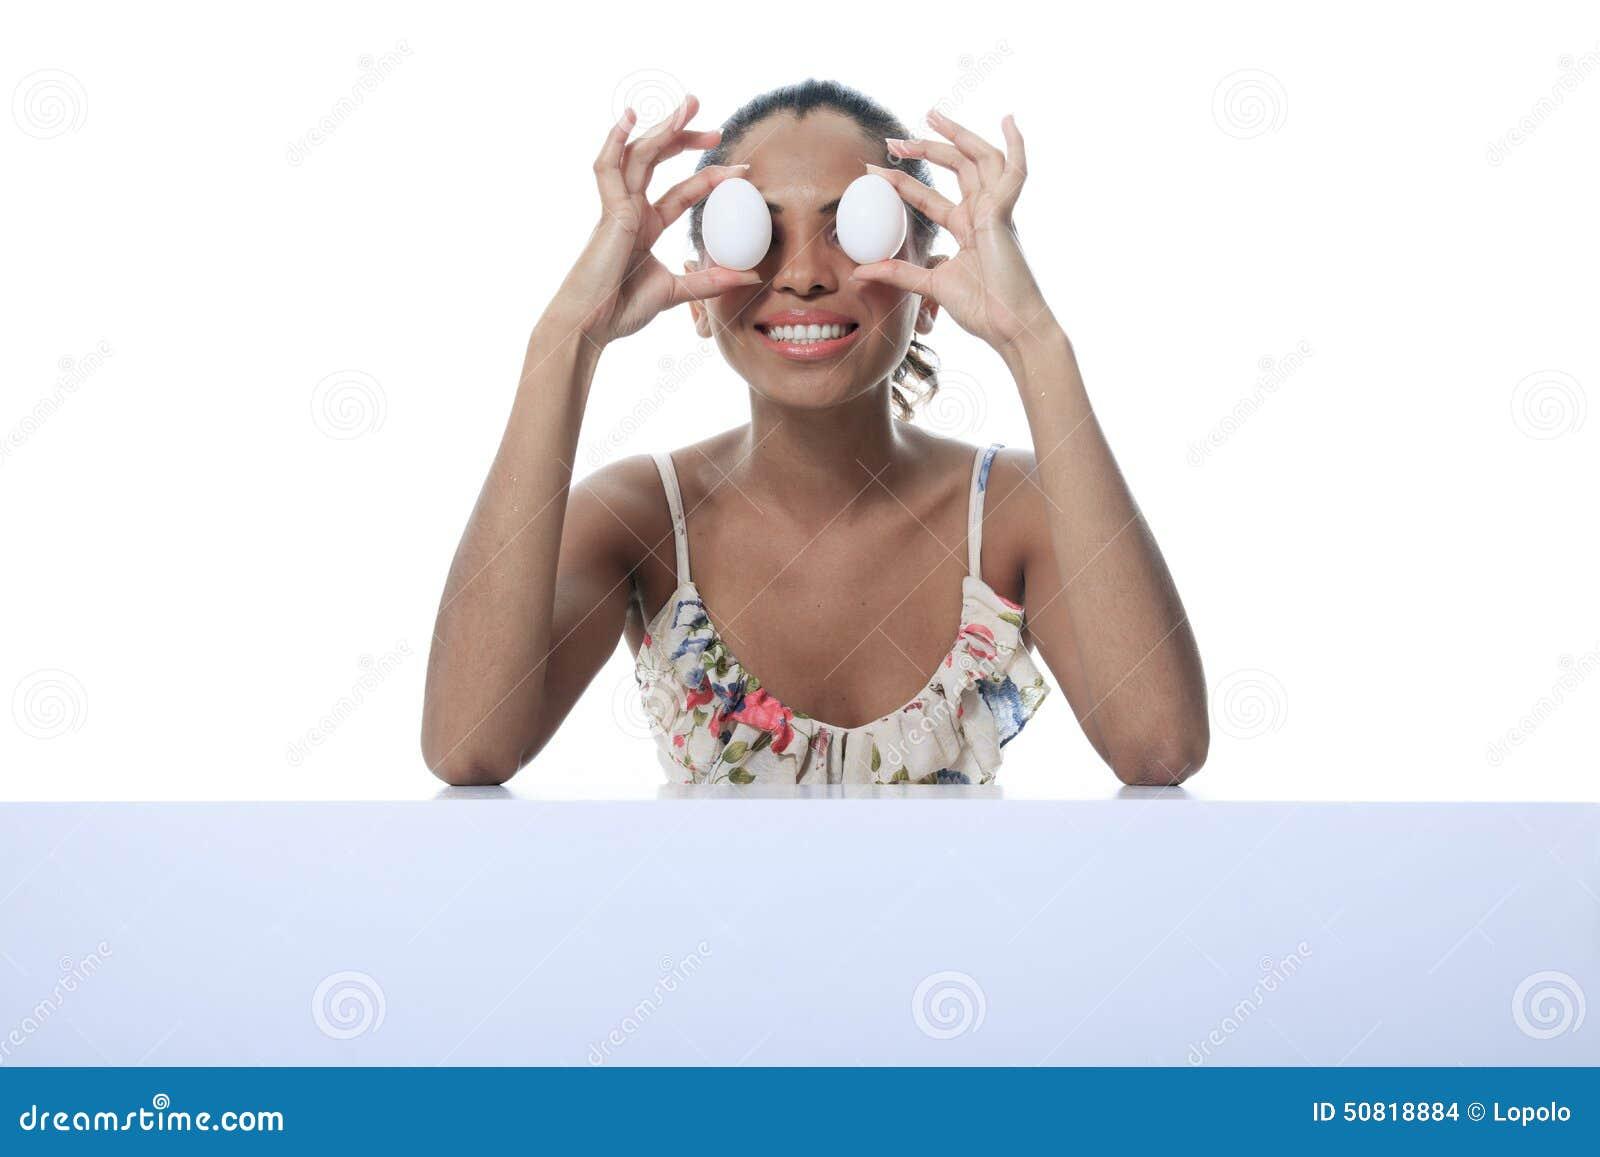 Oliwkowa osoba ma dwa jajko przed okiem